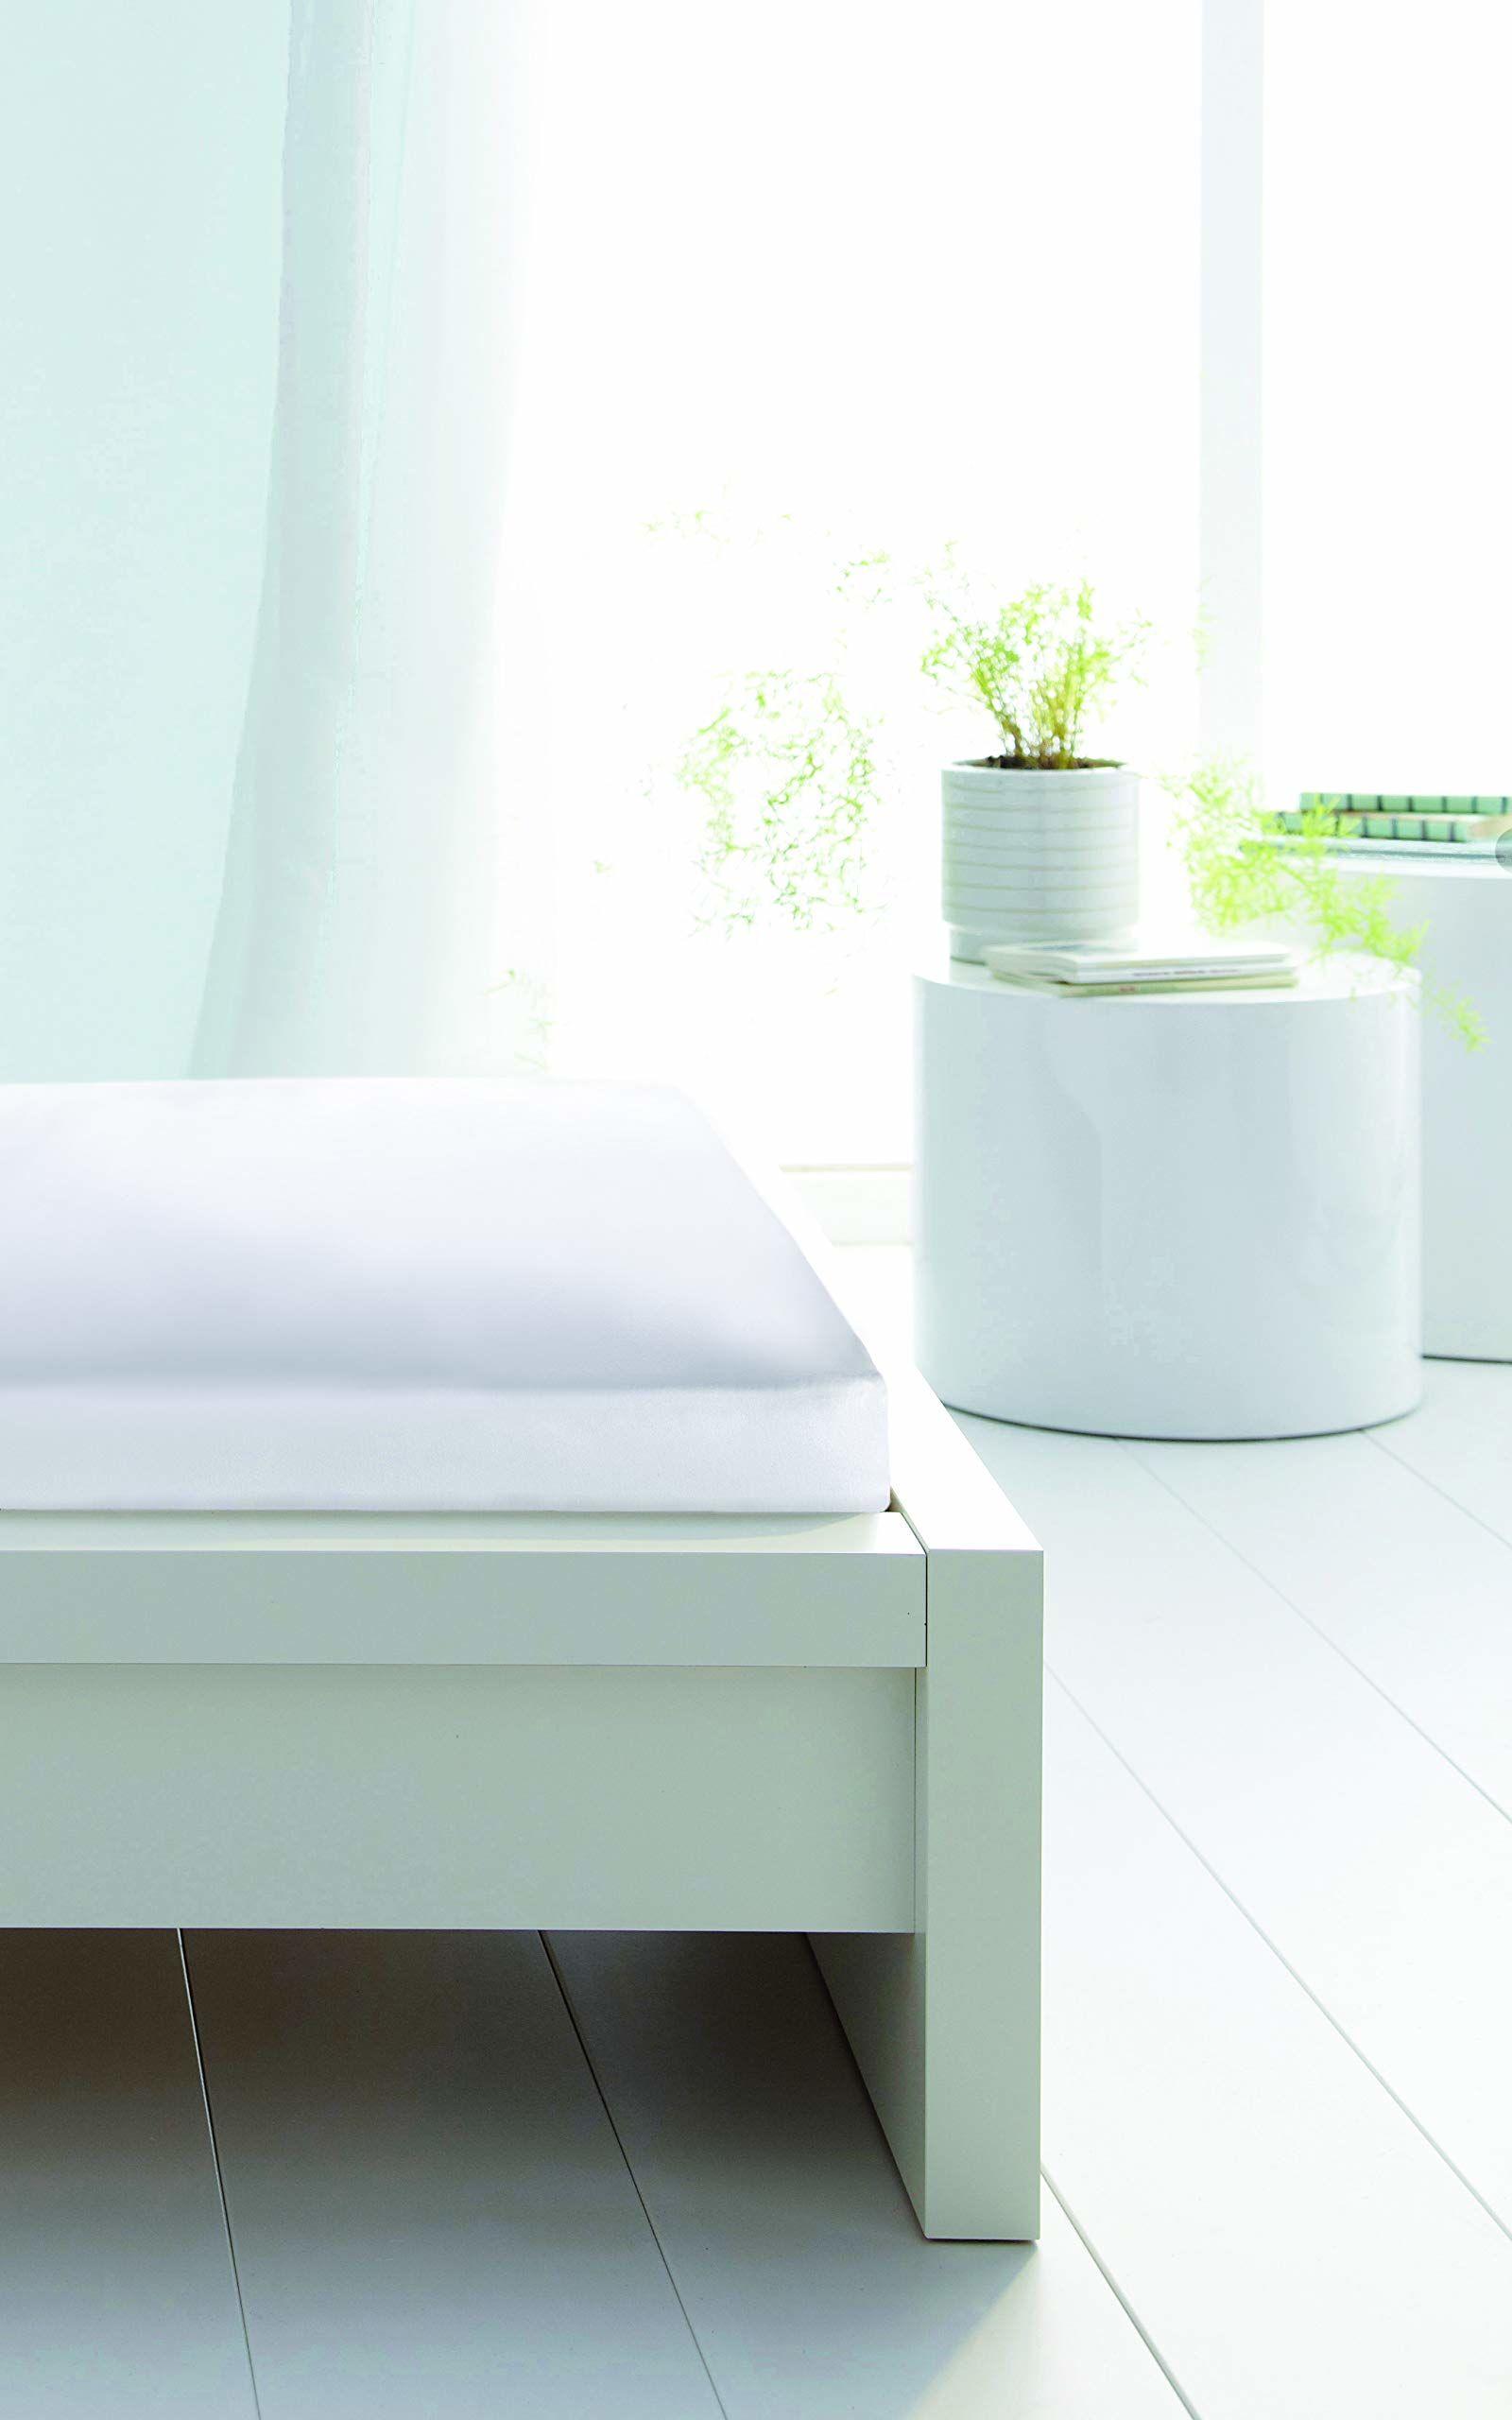 Ochraniacz na materac, chłonny, Molton, 100% bawełna, 140 x 190 cm, biały